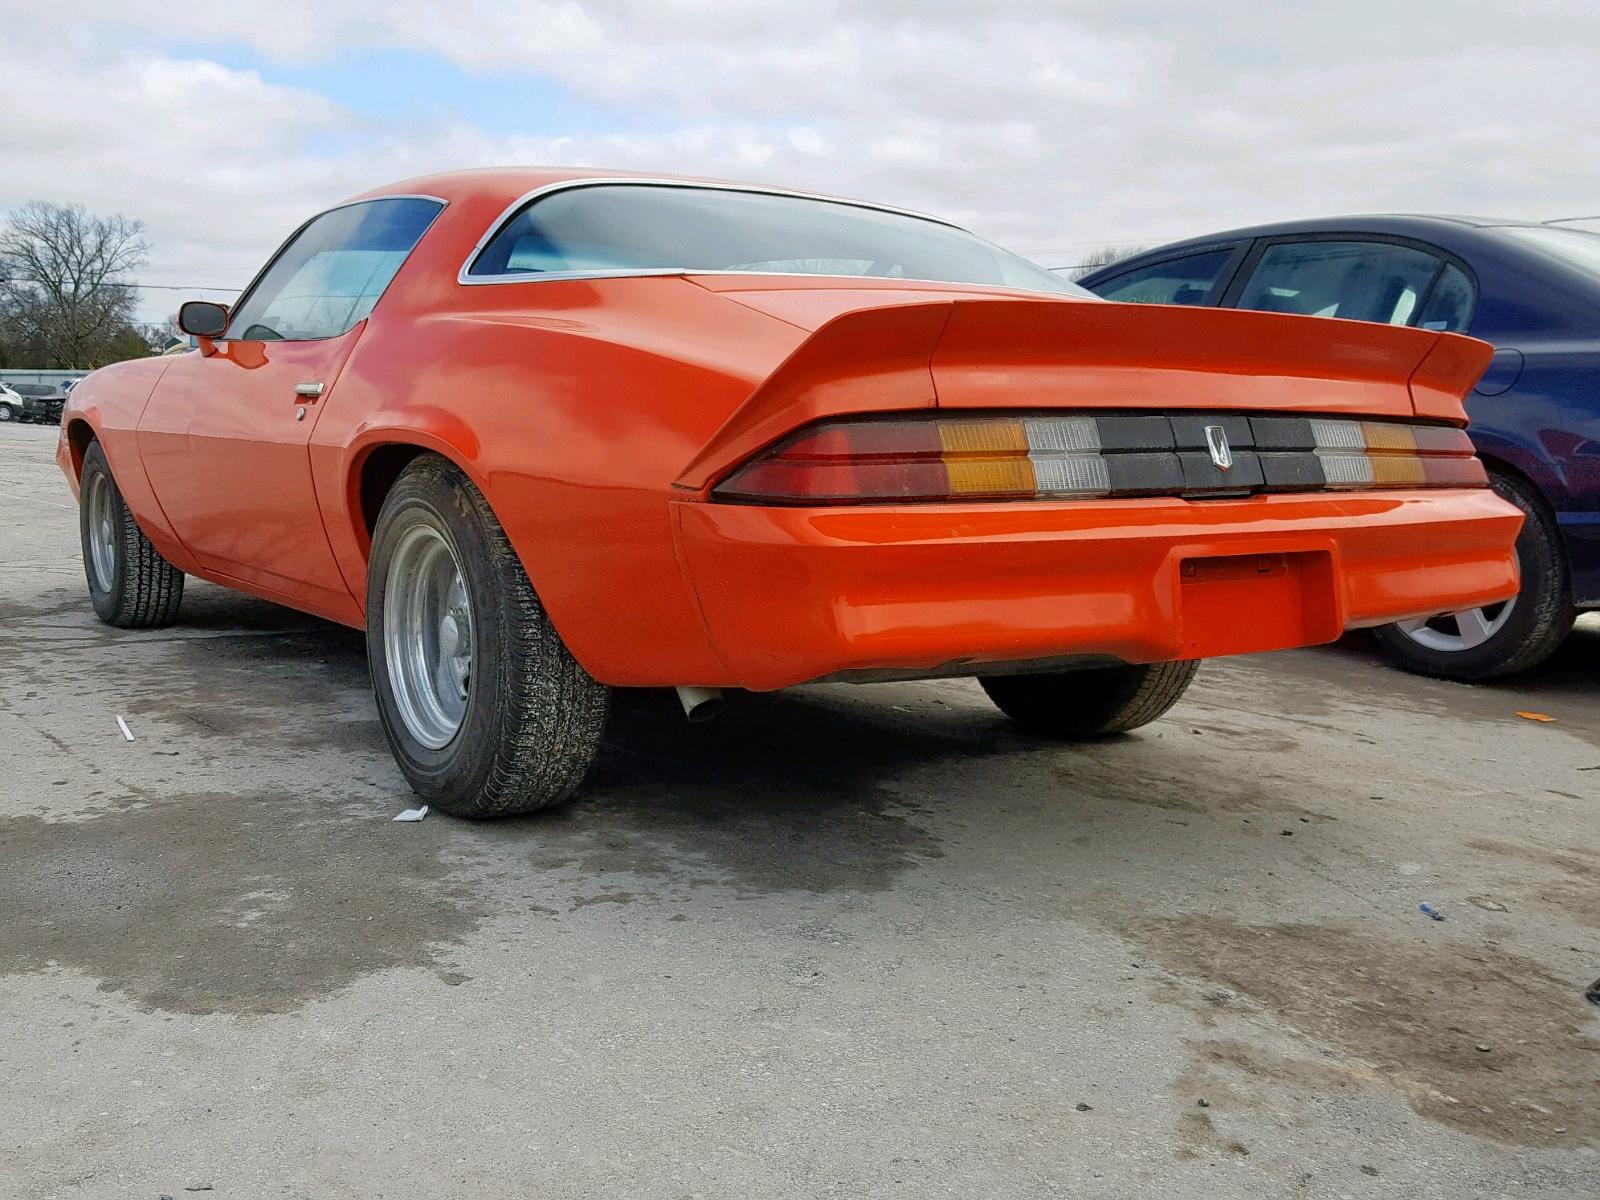 1980 Chevrolet Camaro In Tn Nashville 1p87kal539927